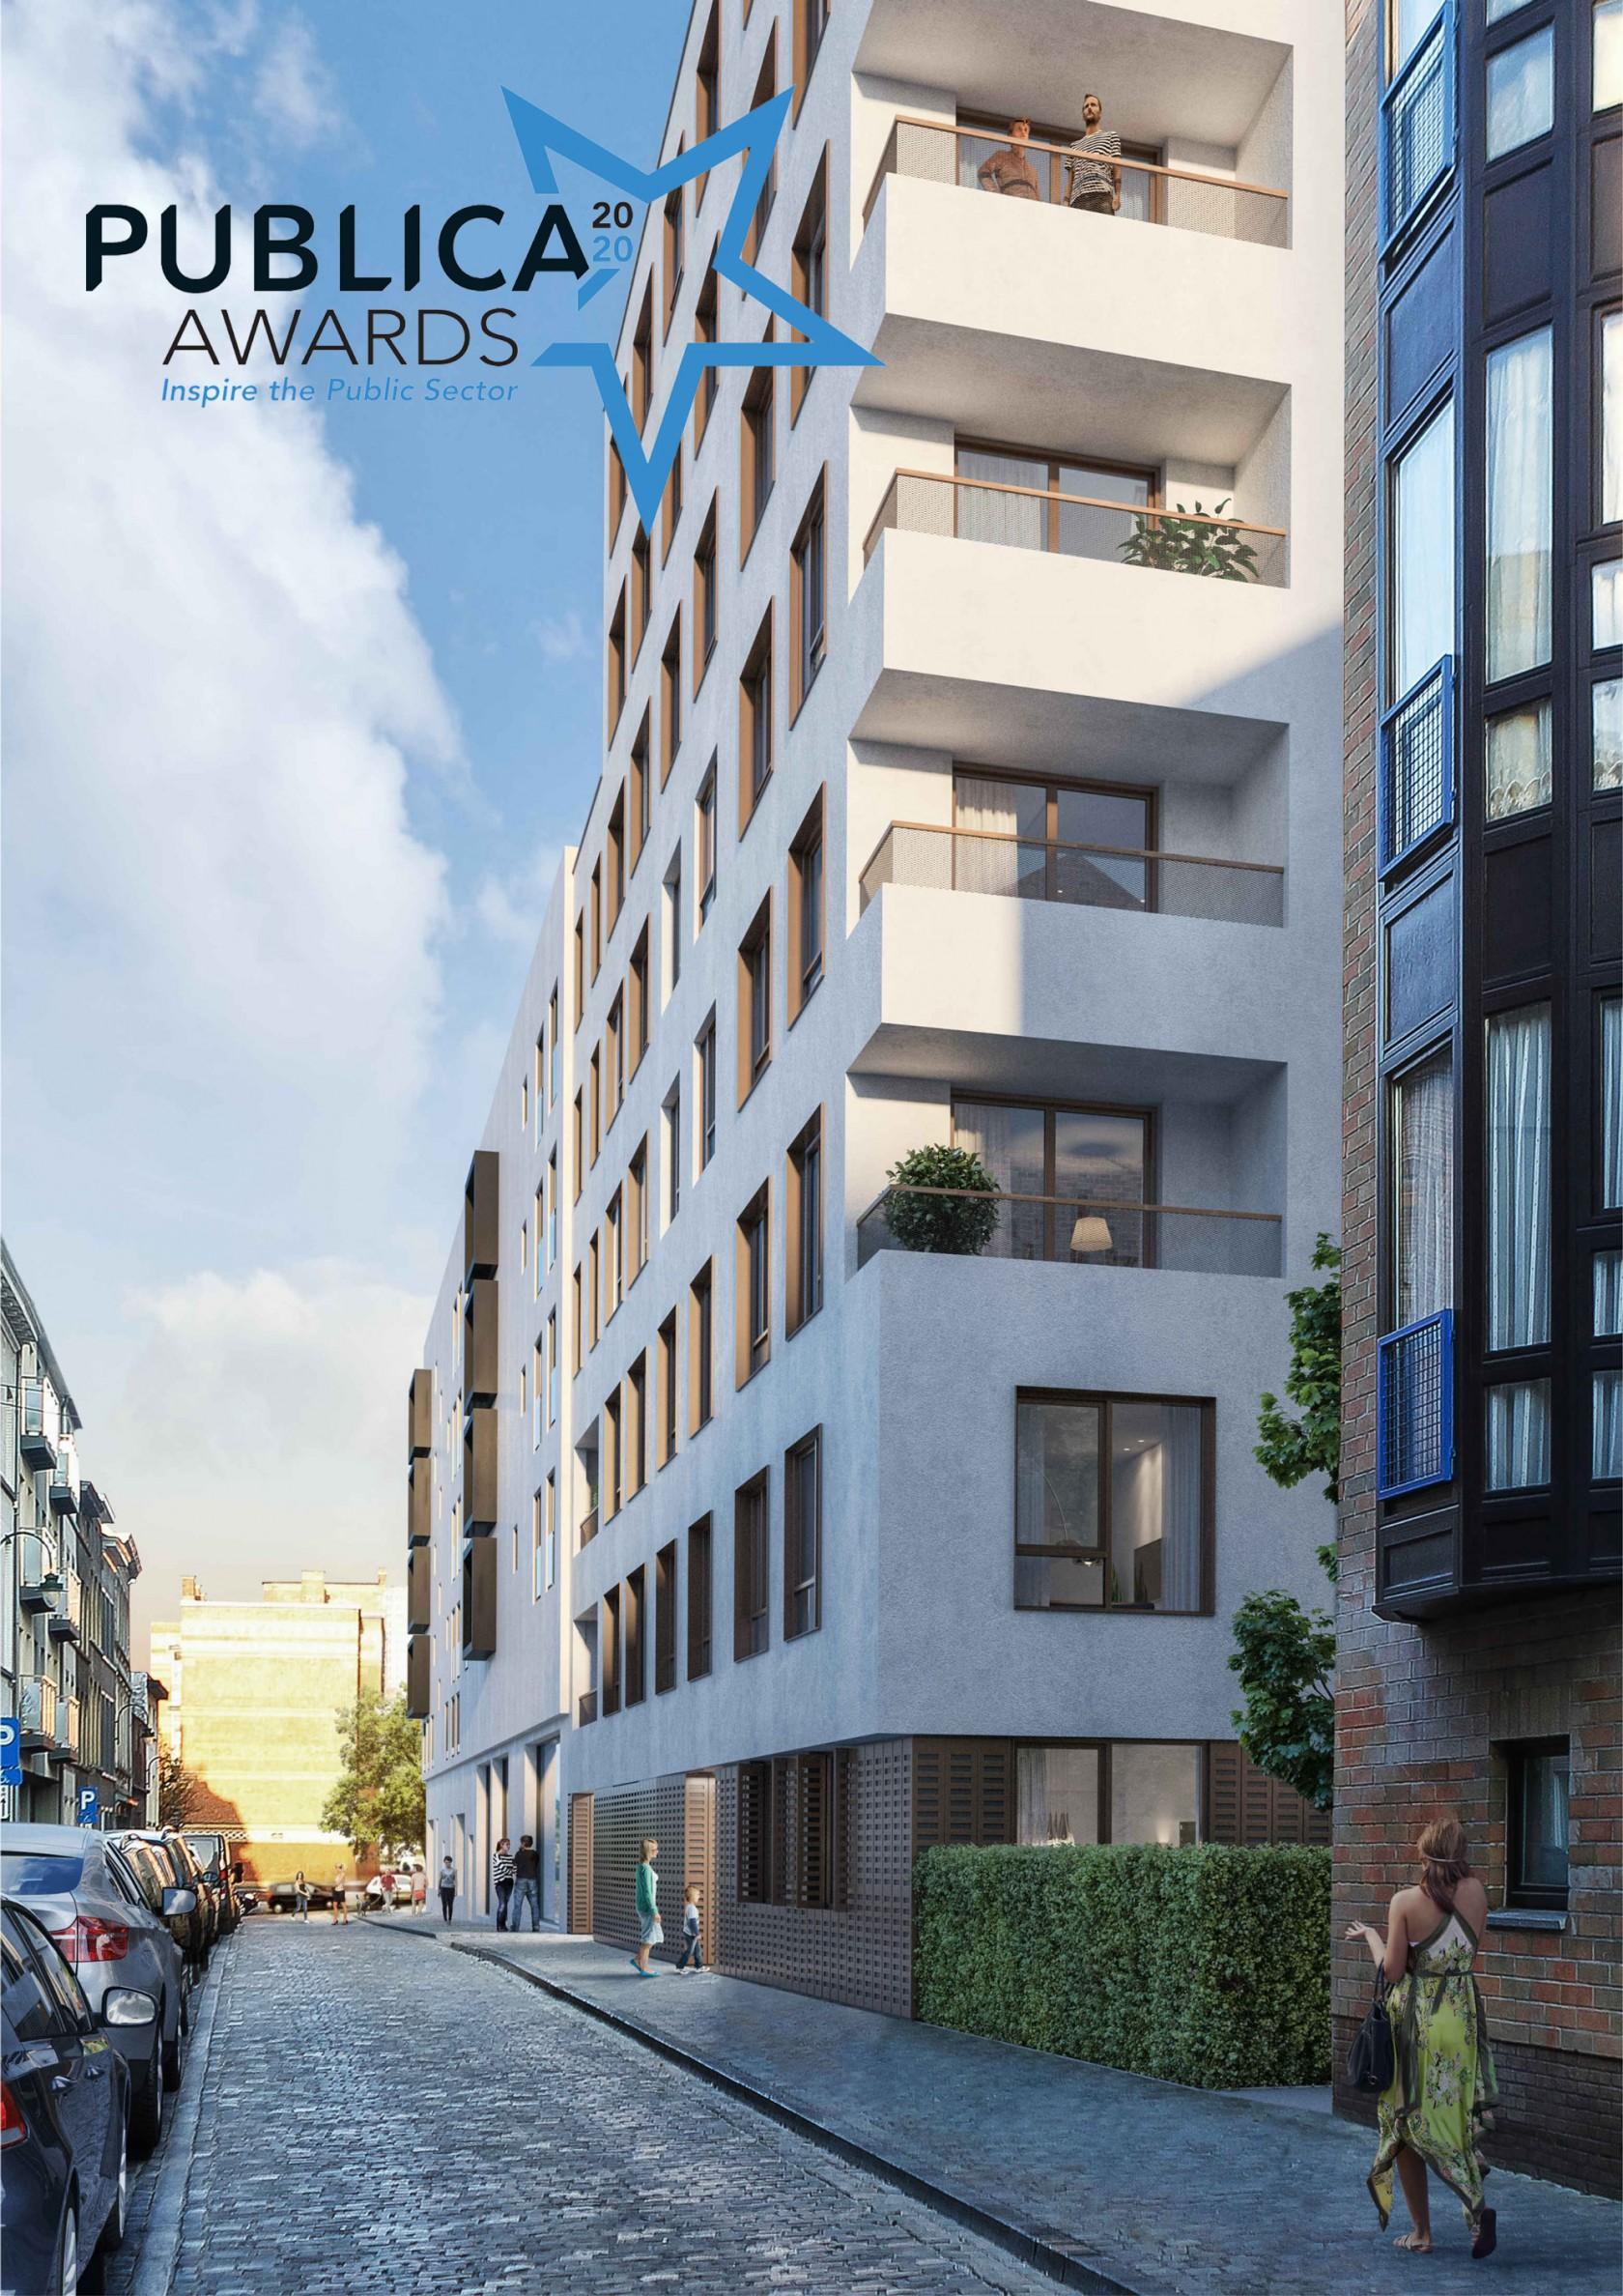 Abscis Architecten - Menslievendheidsstraat - visualisatie Team HENK - NOMINATIE PUBLICA AWARD 2020!